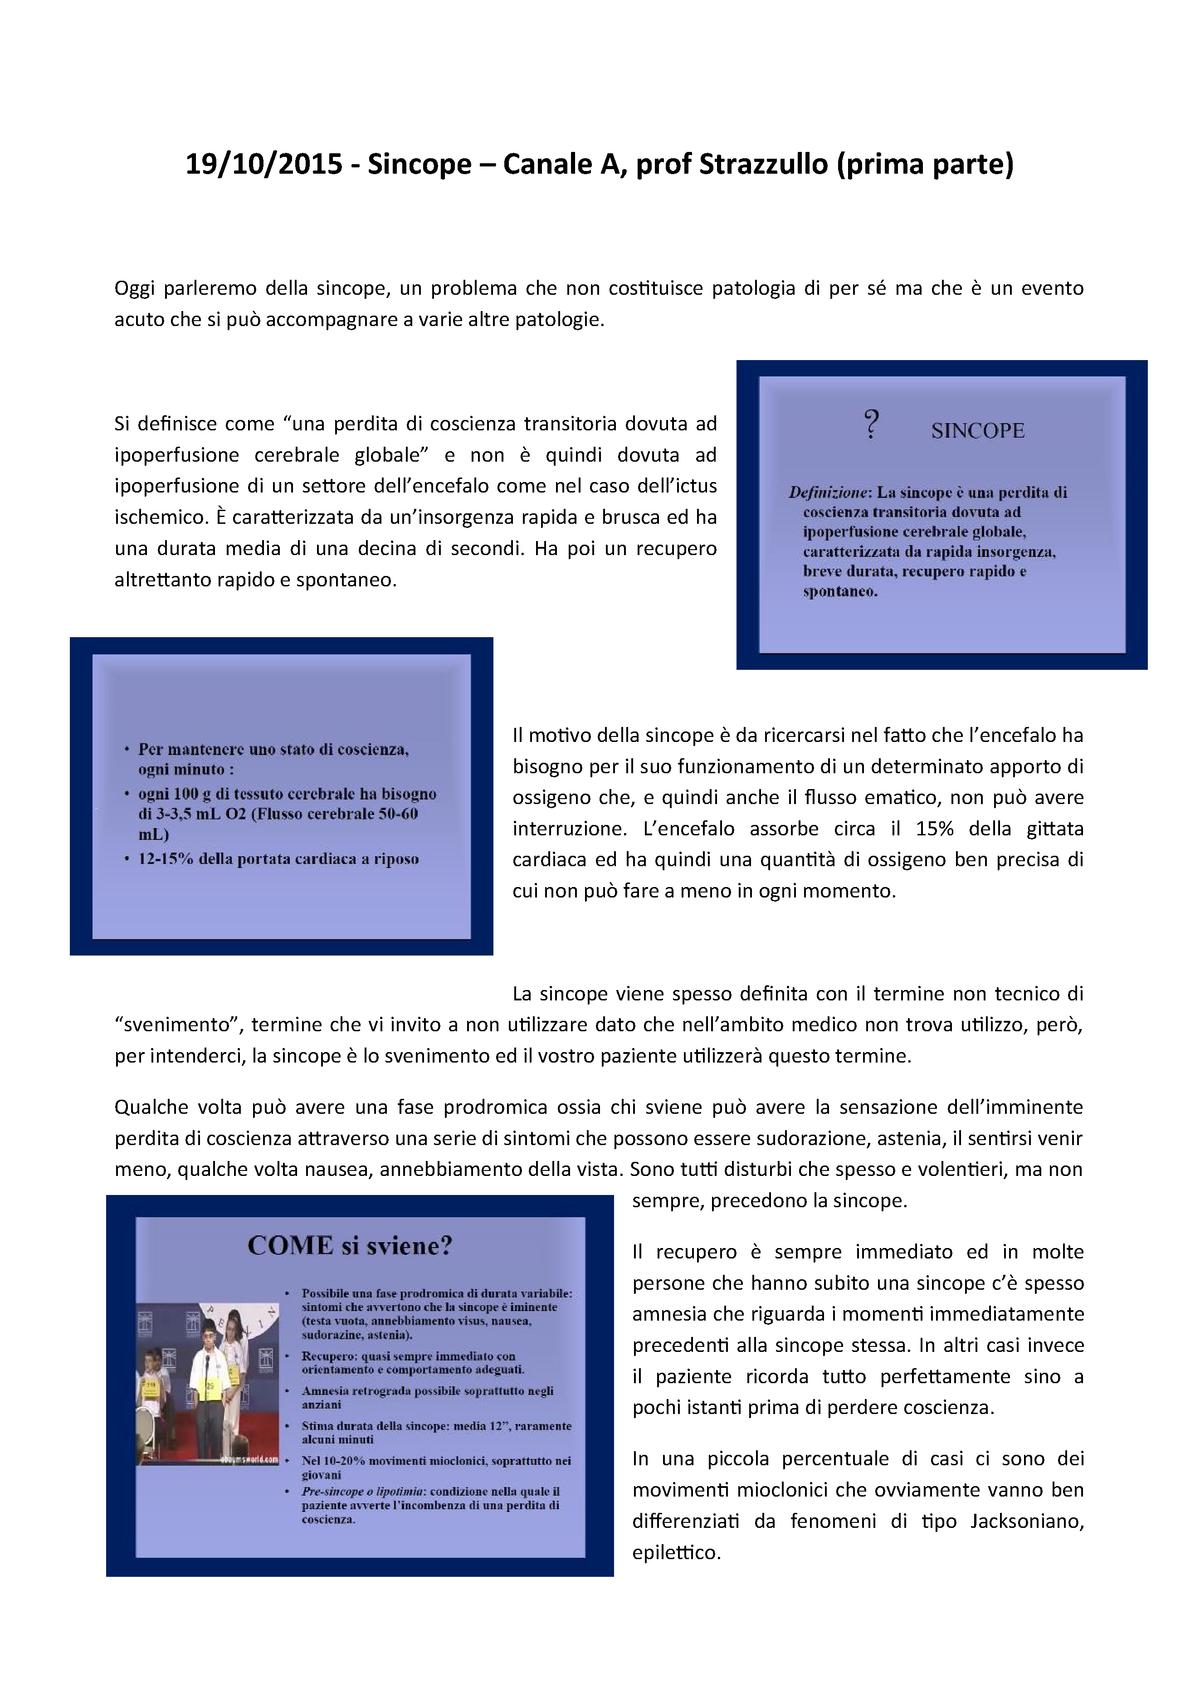 a34e2dedc2 Appunti - Corso integrato della medicina clinica 2 - Sincope: parte prima -  a.a. 2015/2016 - 13488: Corso integrato della medicina clinica 2 - StuDocu